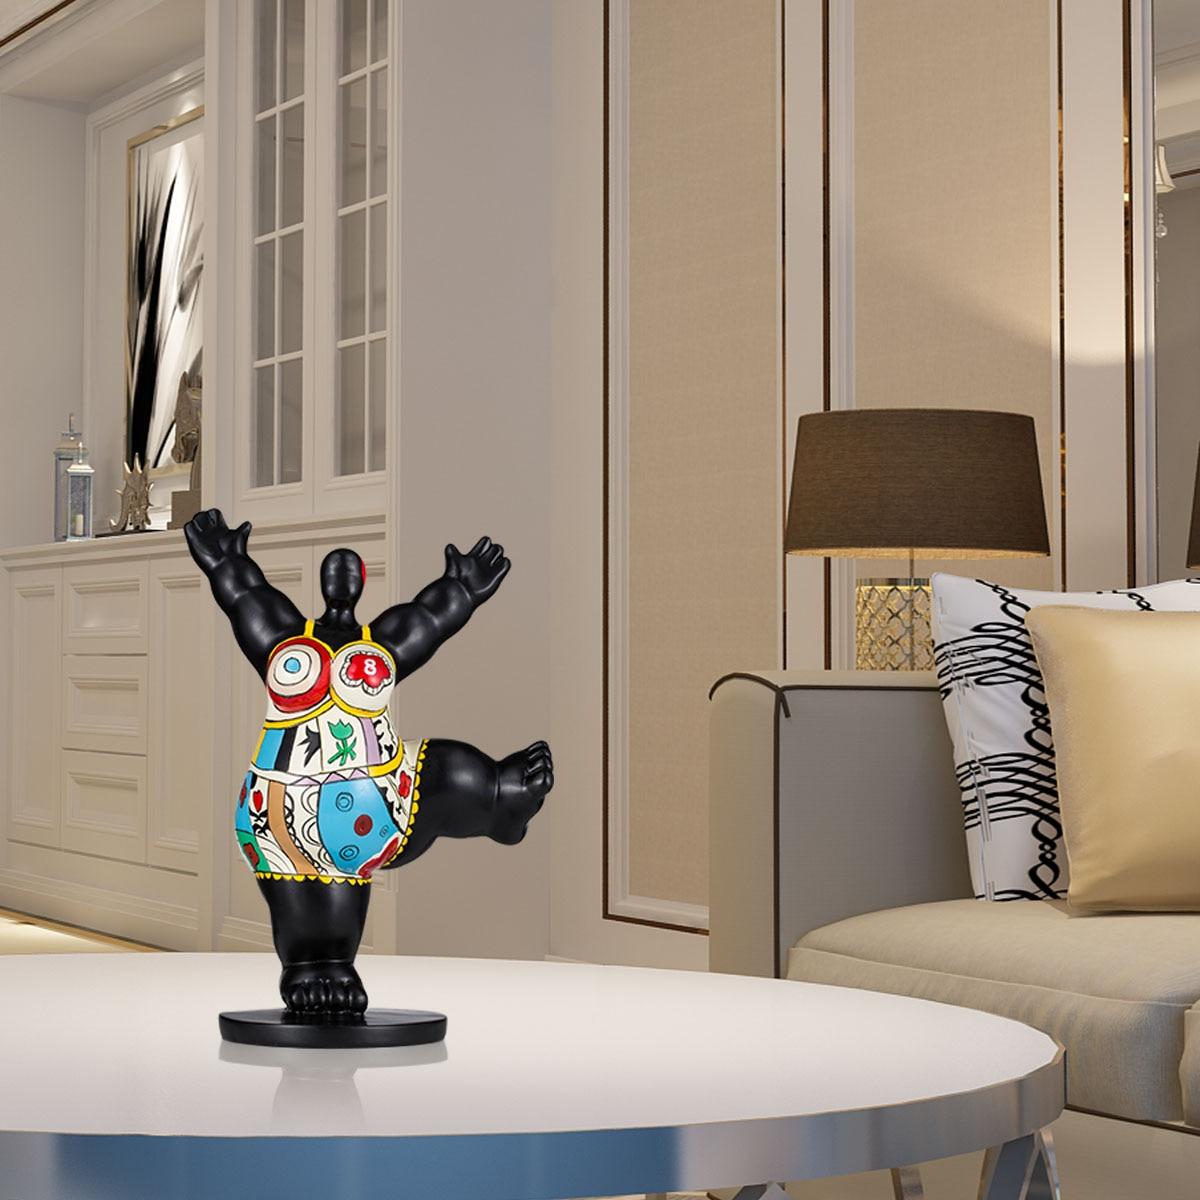 Tooarts Skulptur Schneidigen Fett Frau Fiberglas Skulptur Exaggerative Modellierung Dekorative Ornament Für Home Office-in Statuen & Skulpturen aus Heim und Garten bei  Gruppe 2